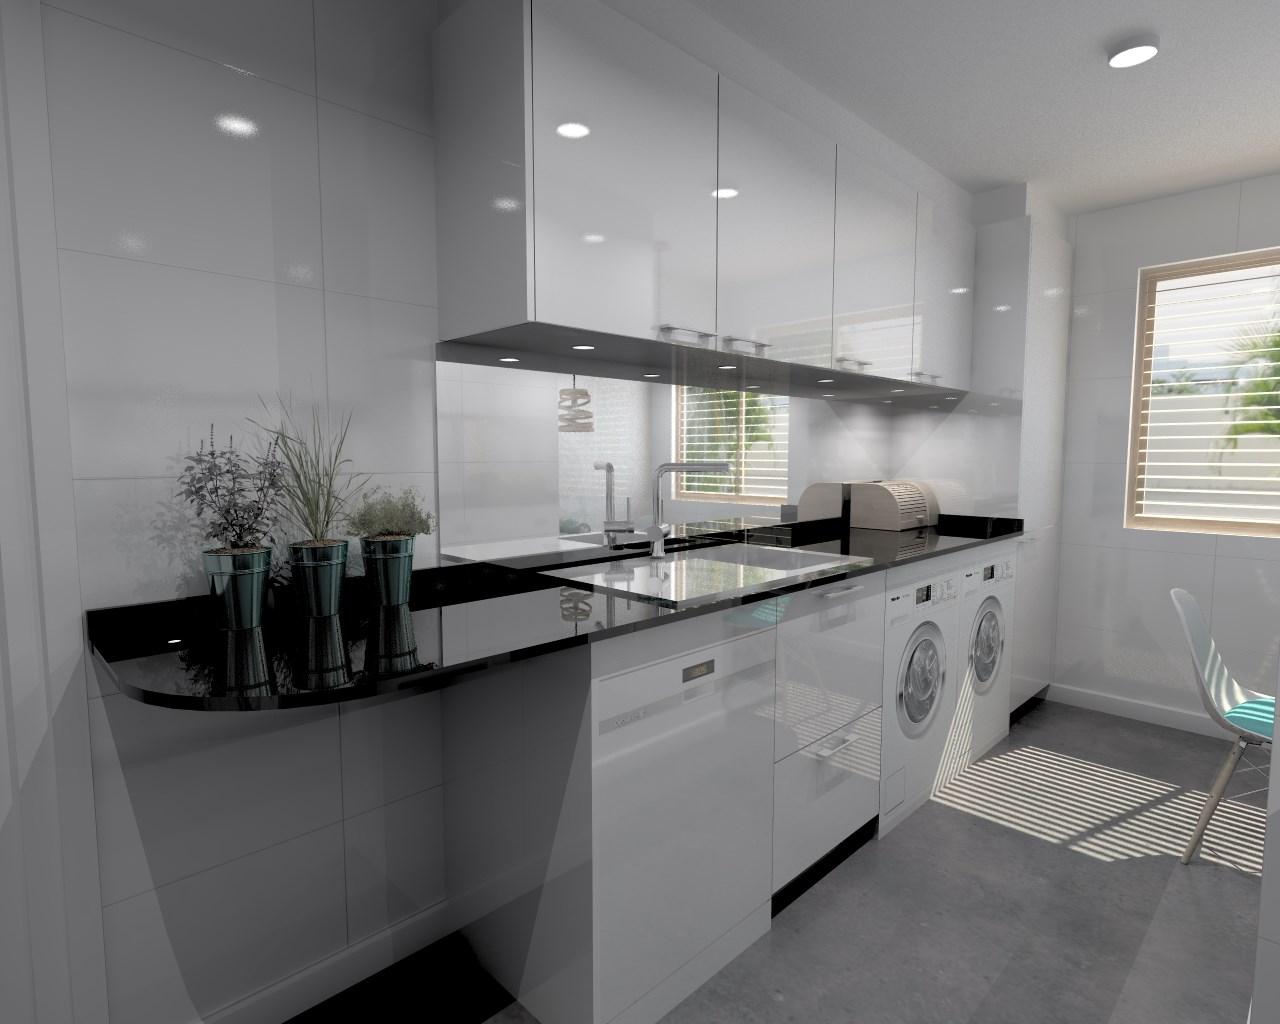 Aravaca cocina santos modelo plano laminado blanco Cocina blanca encimera granito negra